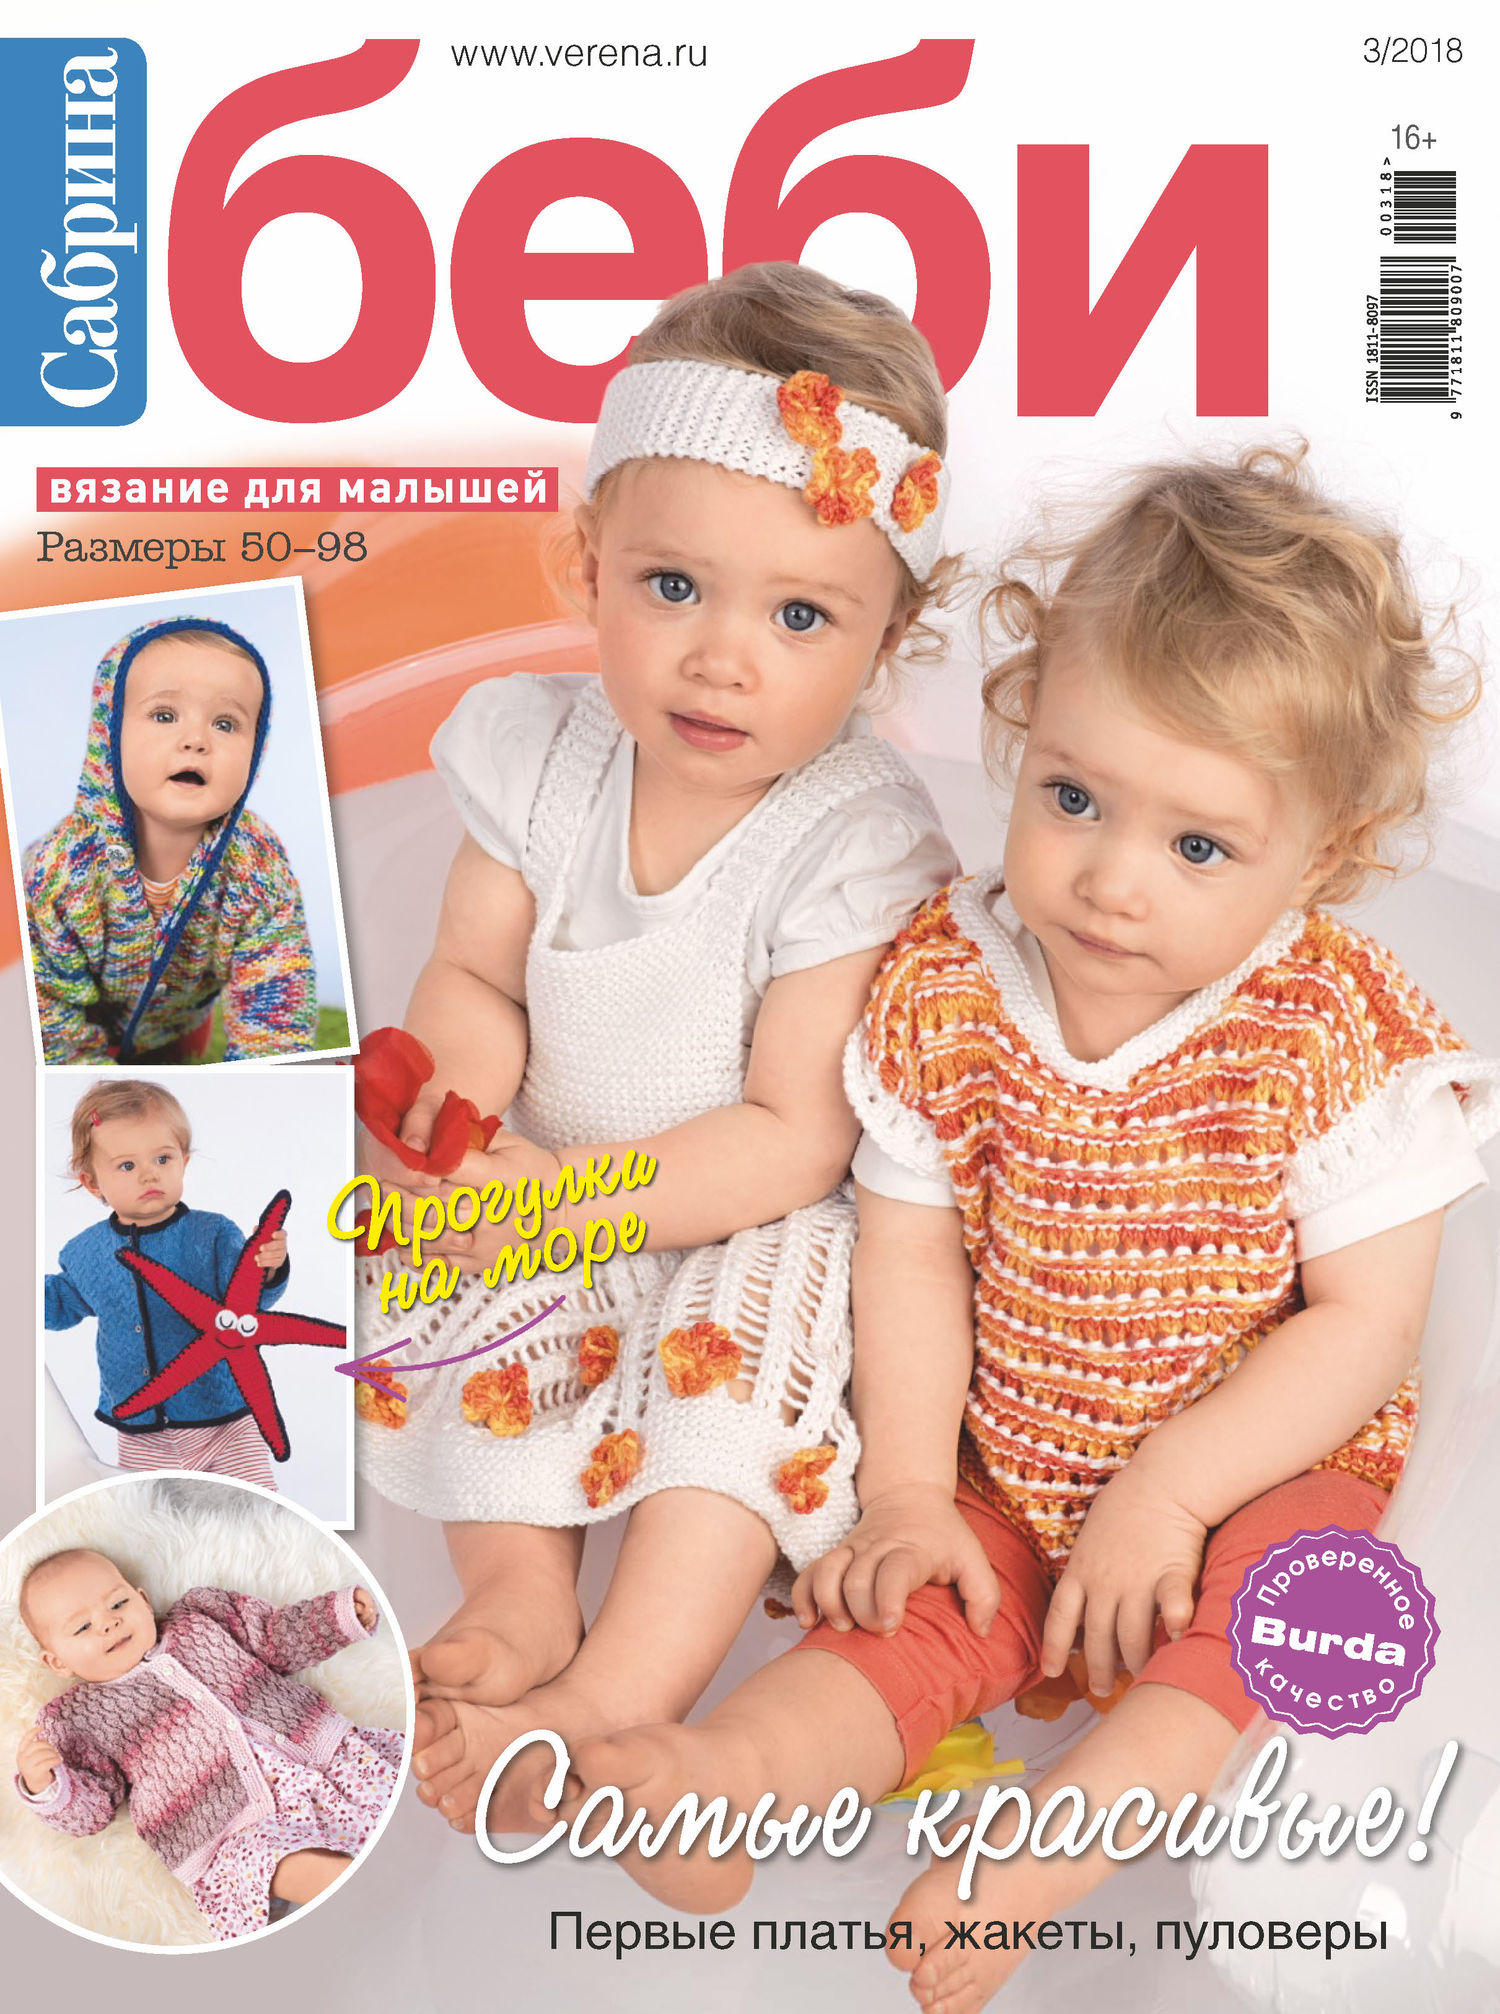 Отсутствует Сабрина беби. Вязание для малышей. №3/2018 гедон с шьем для малышей болшая коллекция аксессуаров для детской